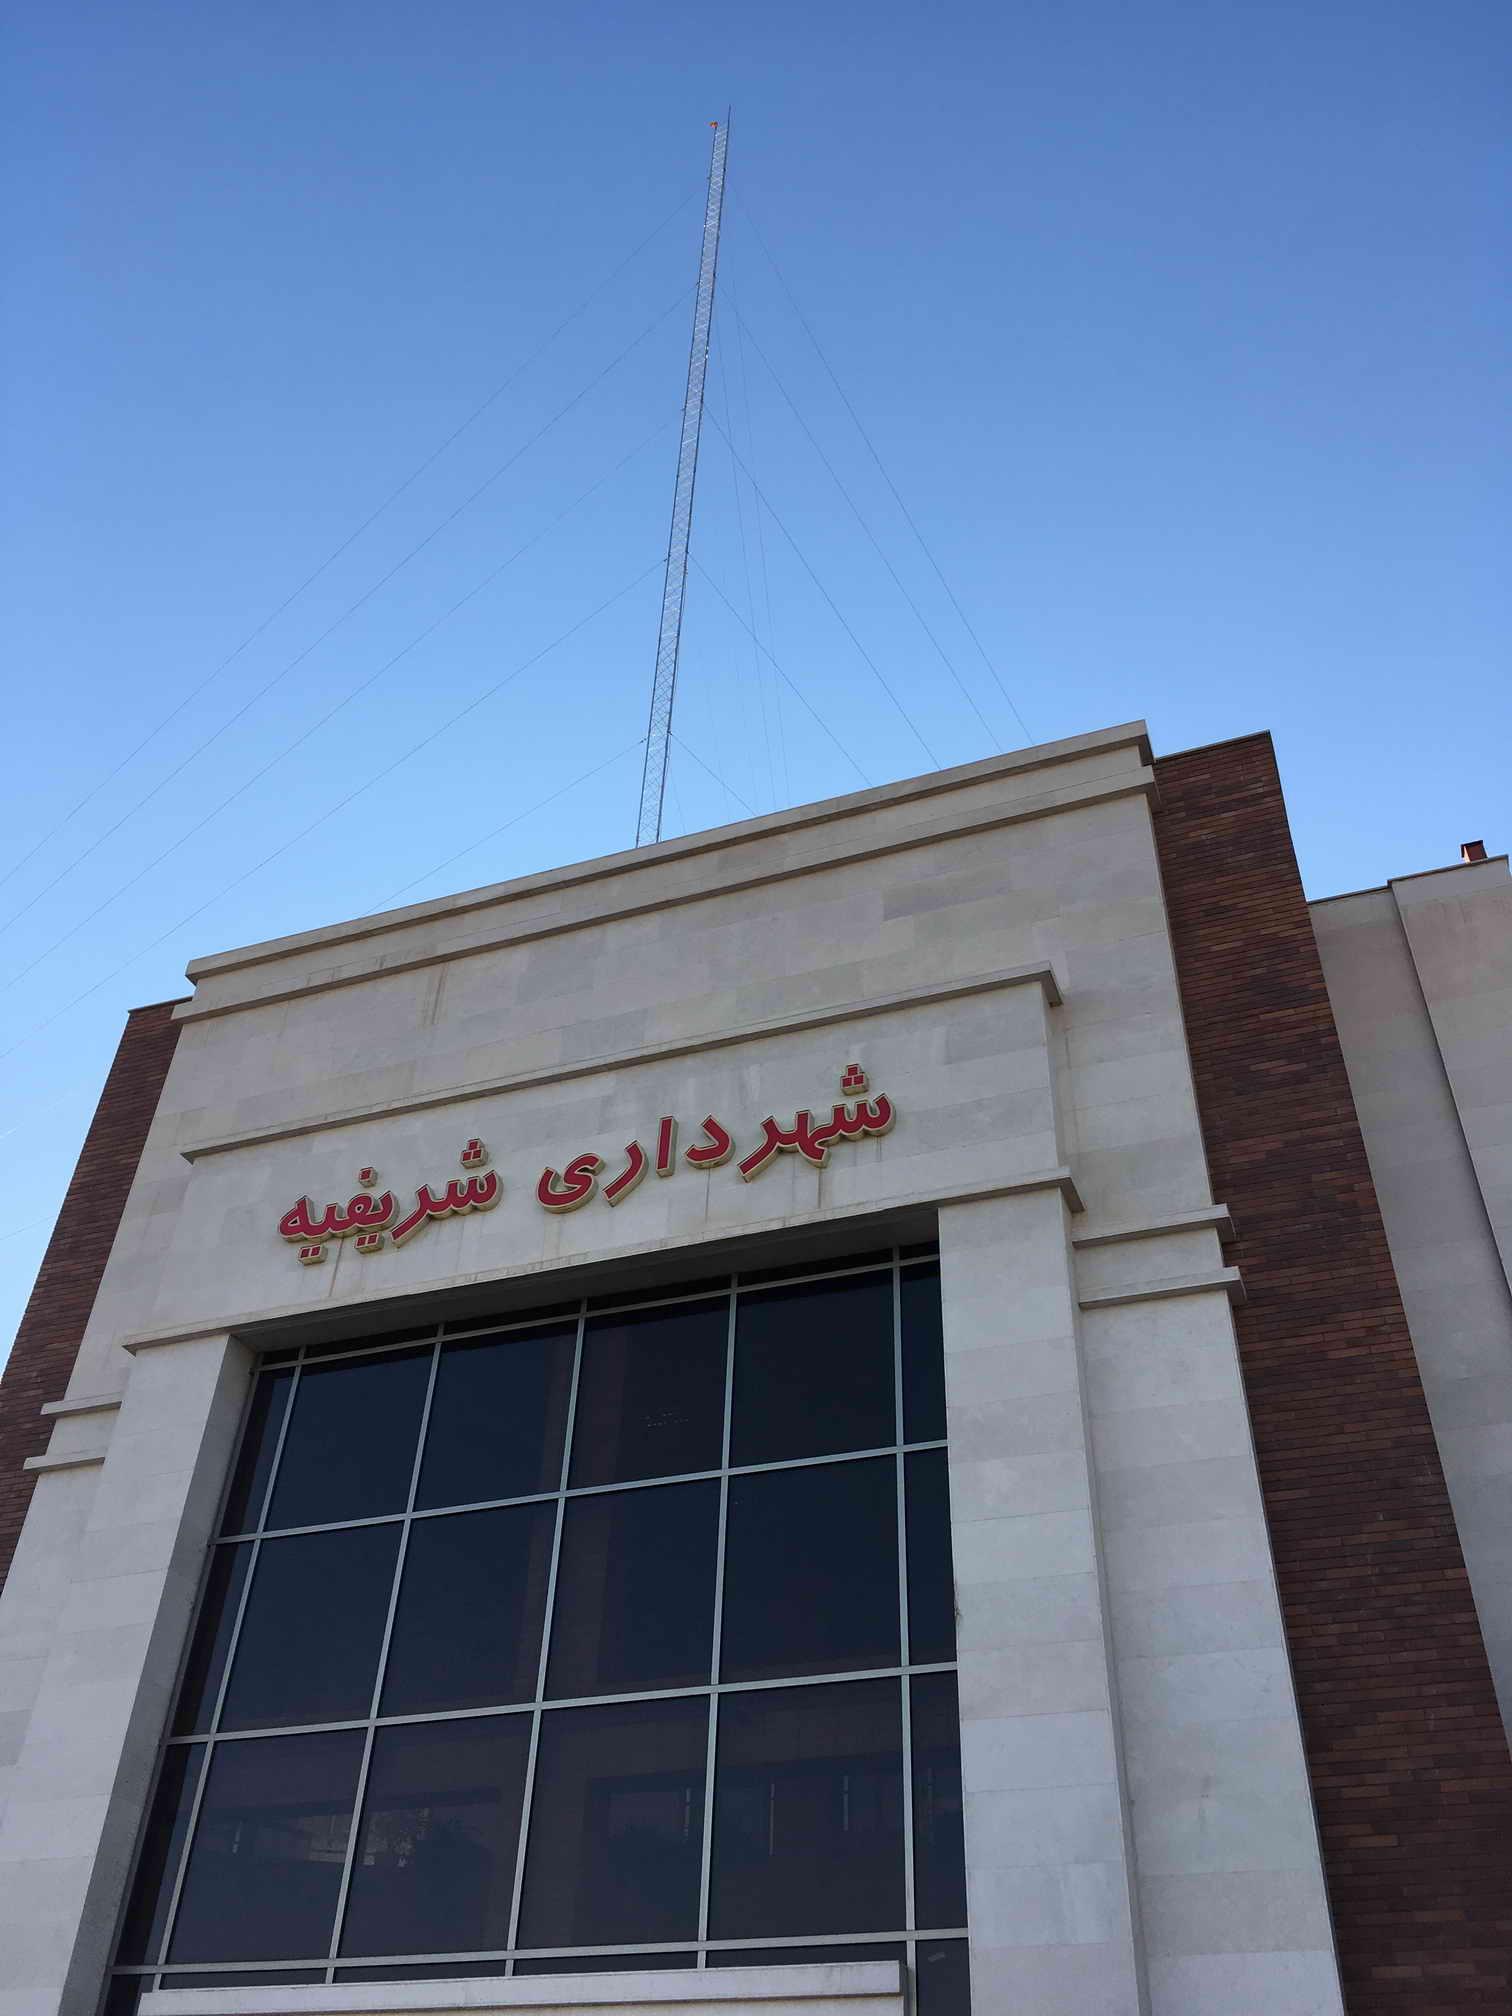 دکل شهرداری شریفیه